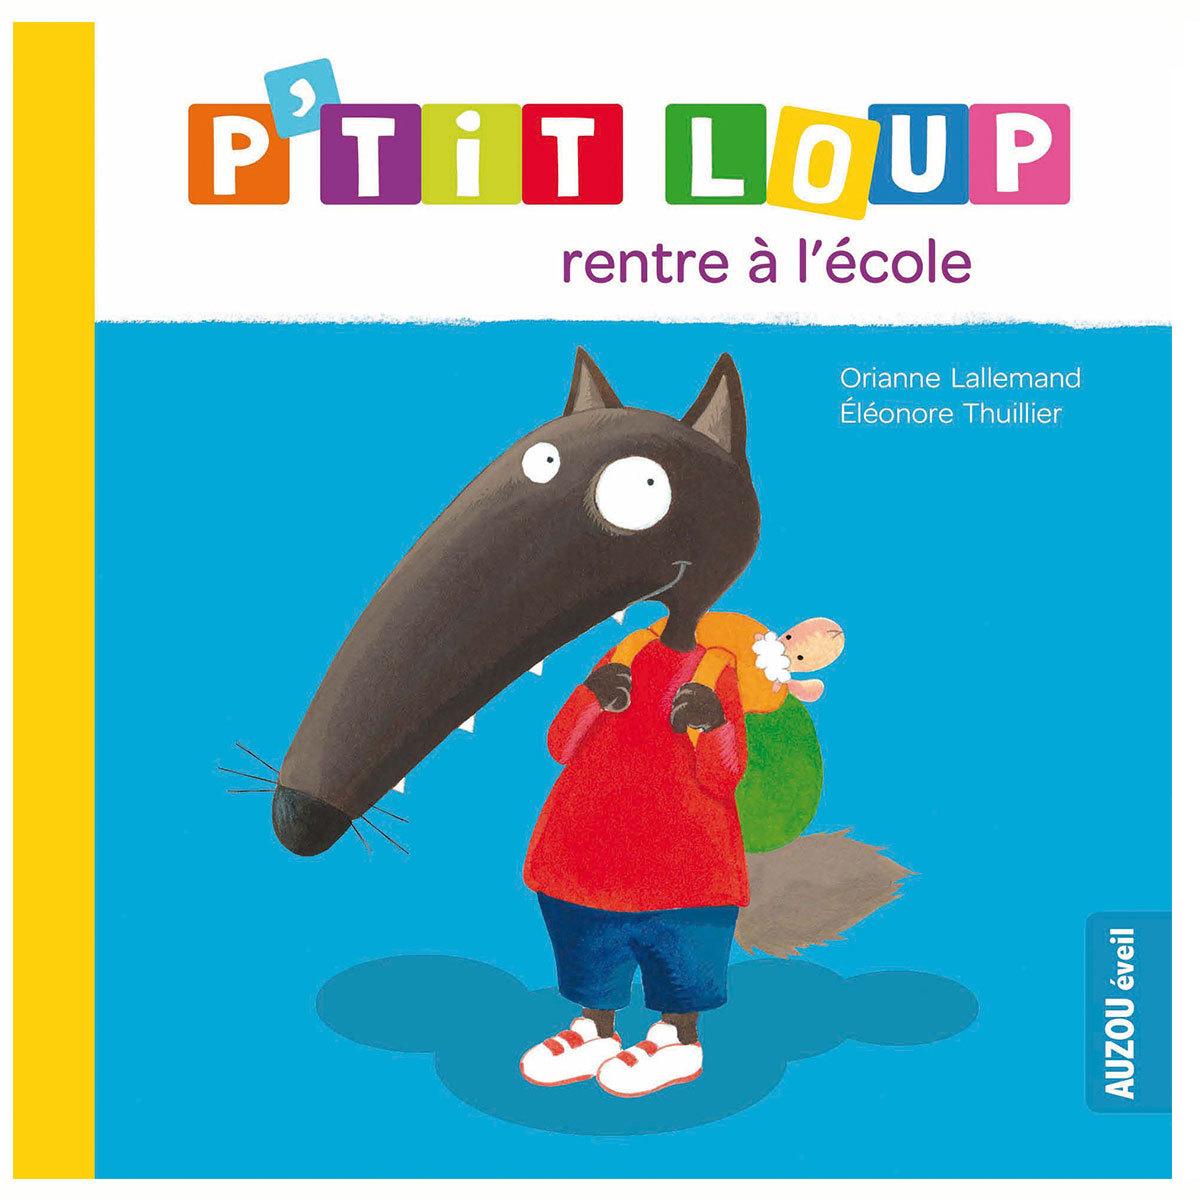 Livre & Carte P'tit Loup rentre à l'école P'tit Loup rentre à l'école